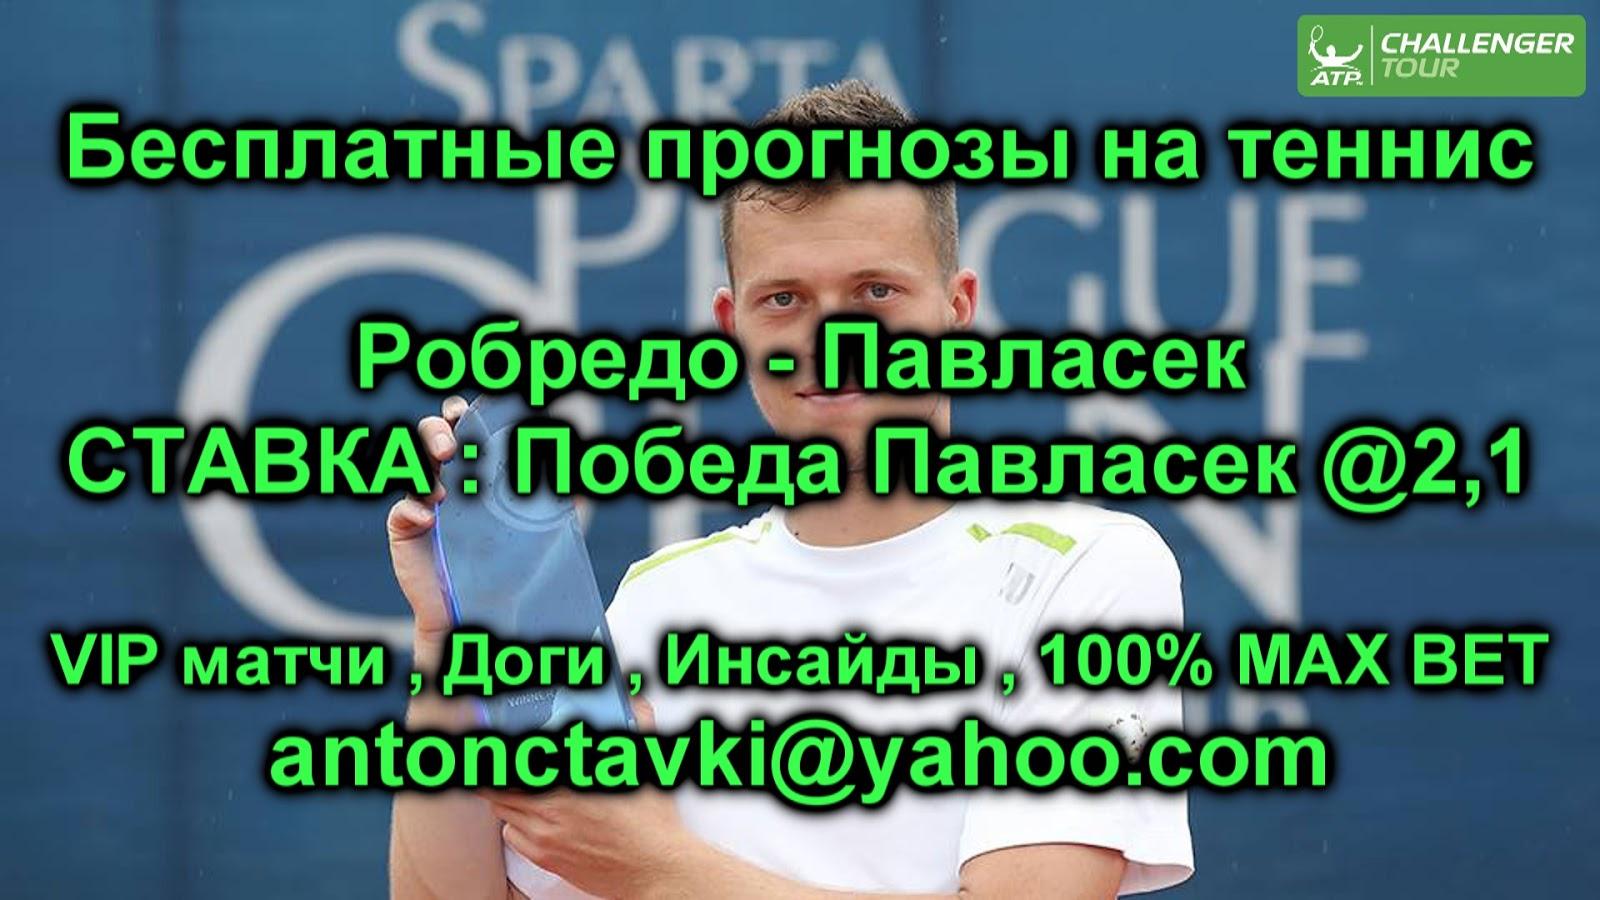 Спортивные прогнозы на надежные матчи бесплатно как заработать деньги печатая тексты в интернете